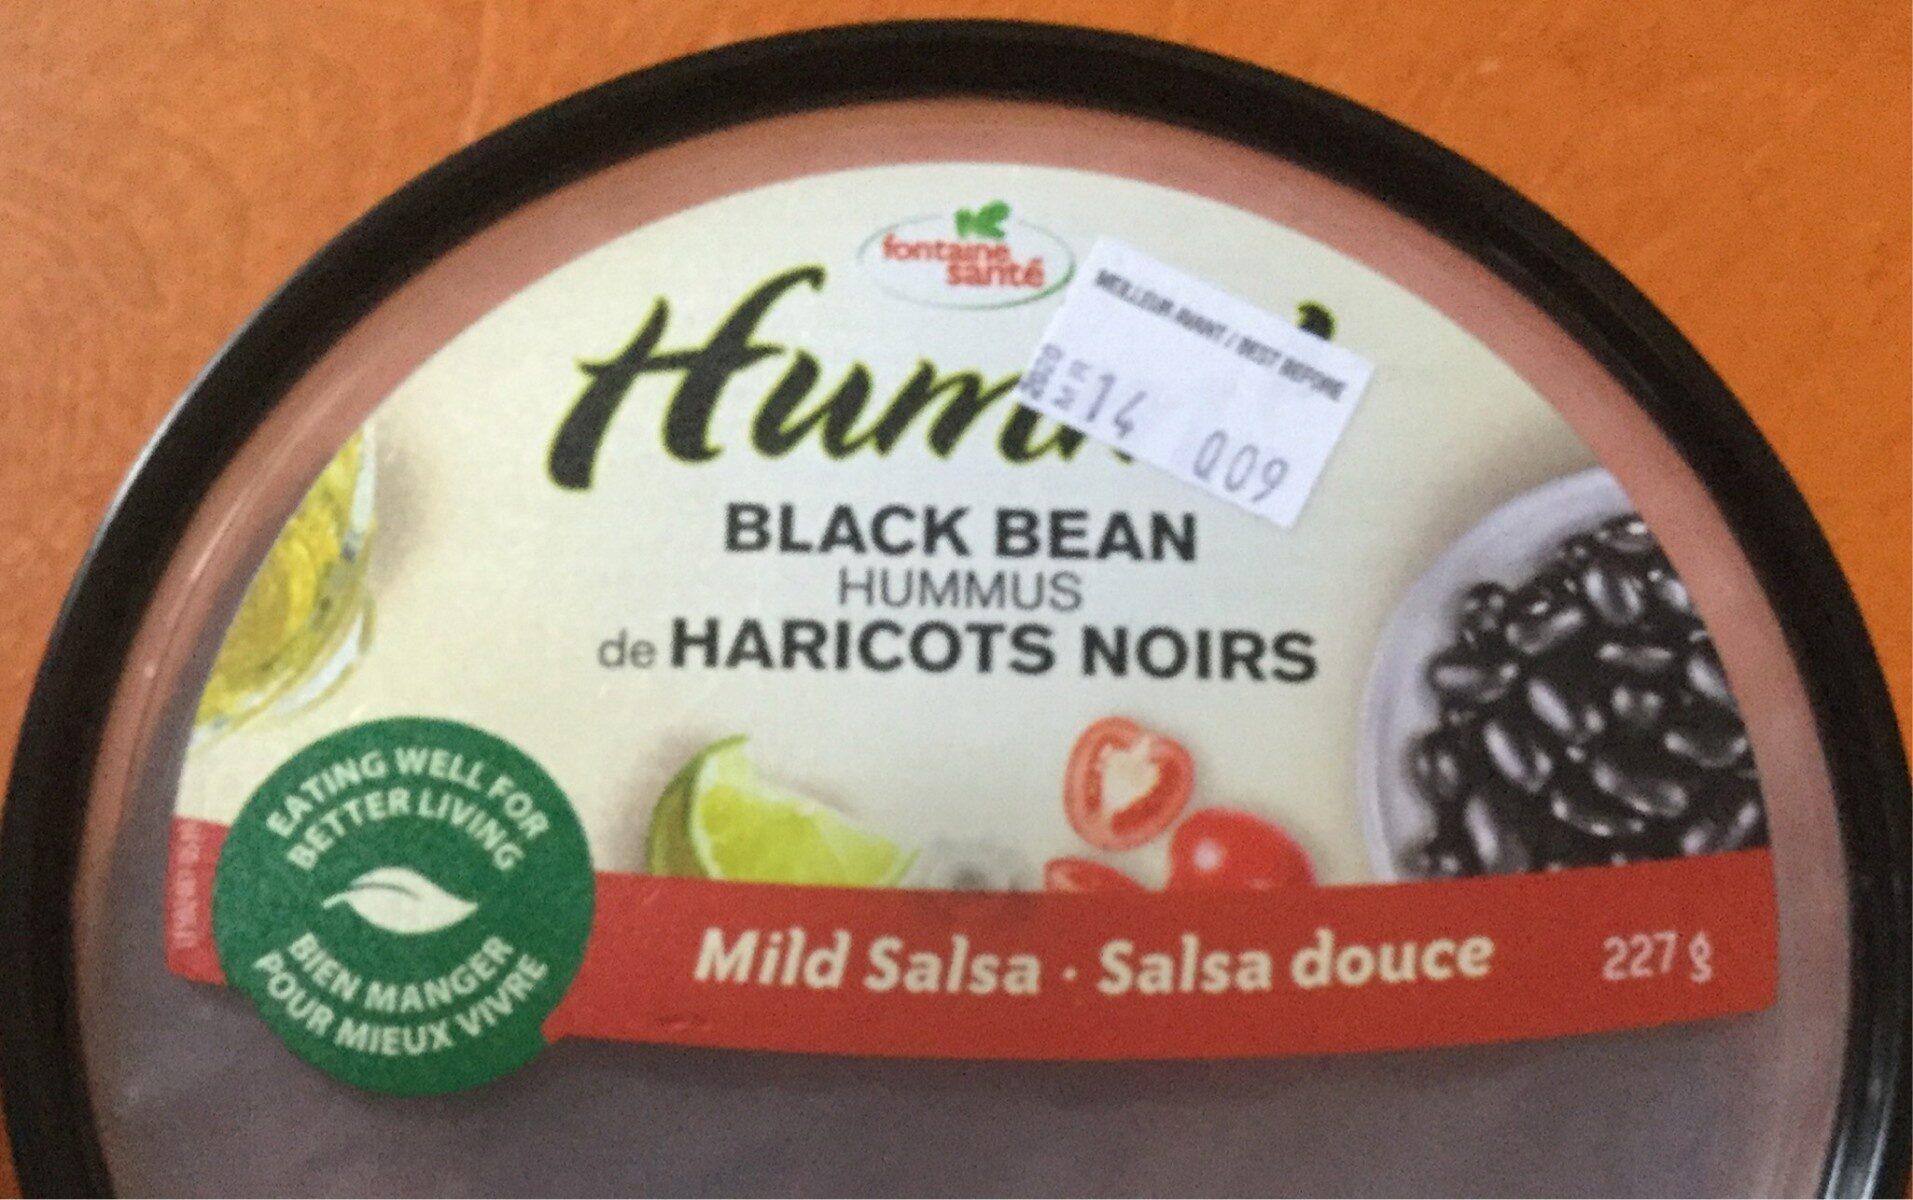 Hummus de haricots noirs - Product - fr